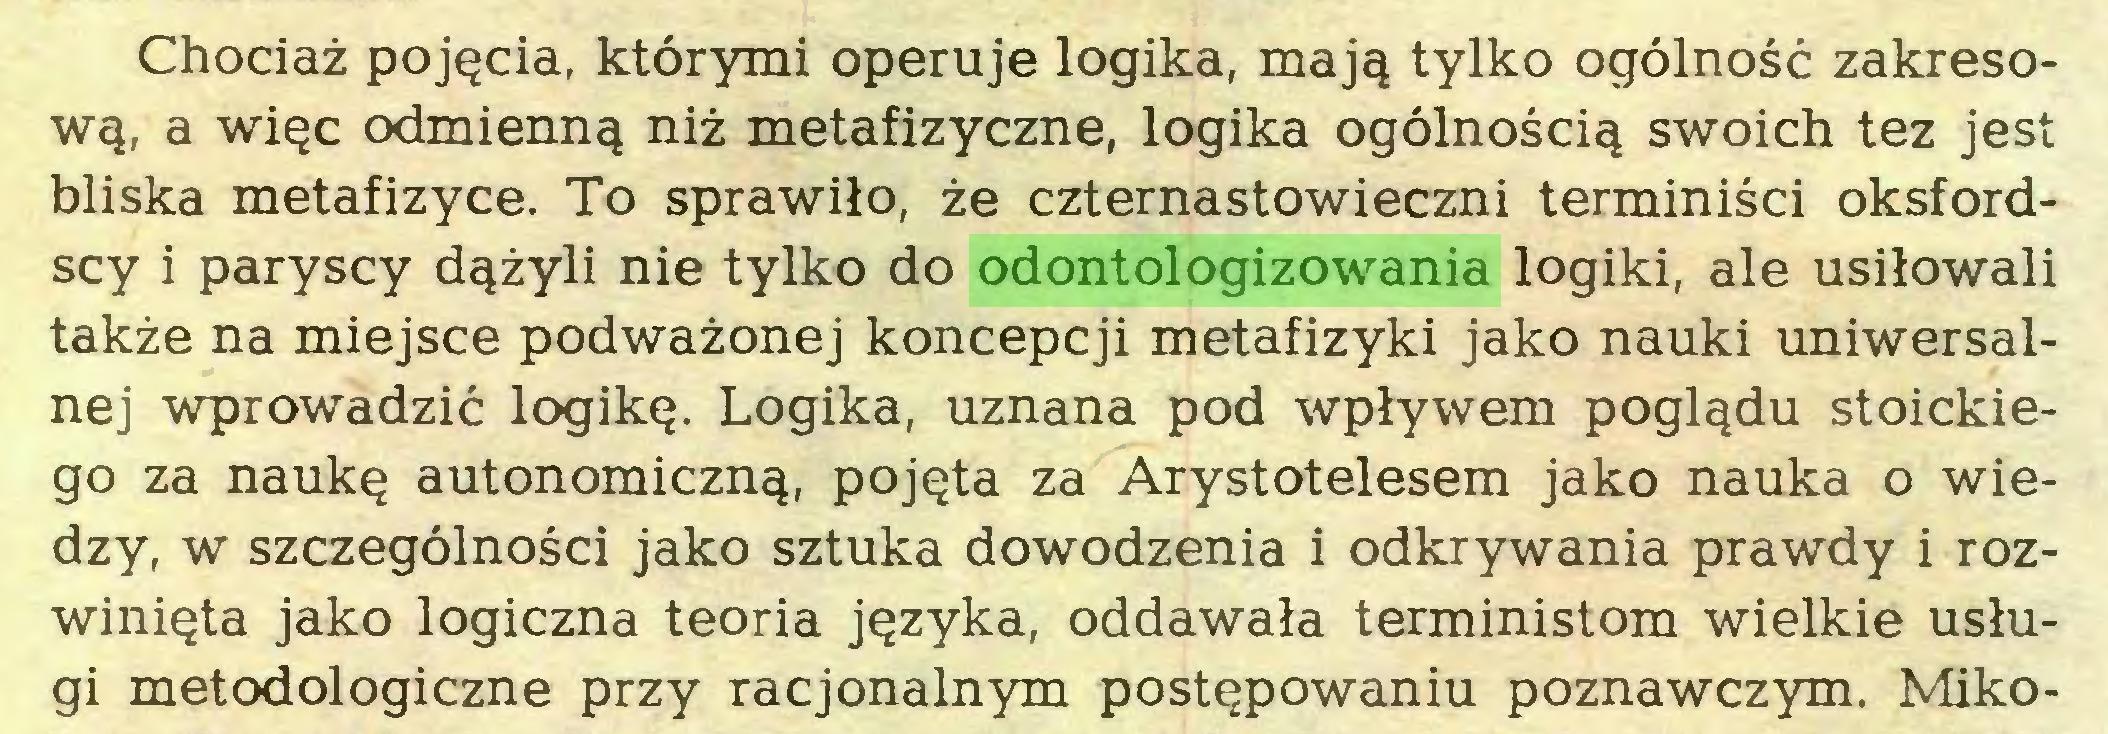 (...) Chociaż pojęcia, którymi operuje logika, mają tylko ogólność zakresową, a więc odmienną niż metafizyczne, logika ogólnością swoich tez jest bliska metafizyce. To sprawiło, że czternastowieczni terminiści oksfordscy i paryscy dążyli nie tylko do odontologizowania logiki, ale usiłowali także na miejsce podważonej koncepcji metafizyki jako nauki uniwersalnej wprowadzić logikę. Logika, uznana pod wpływem poglądu stoickiego za naukę autonomiczną, pojęta za Arystotelesem jako nauka o wiedzy, w szczególności jako sztuka dowodzenia i odkrywania prawdy i rozwinięta jako logiczna teoria języka, oddawała terministom wielkie usługi metodologiczne przy racjonalnym postępowaniu poznawczym. Miko...